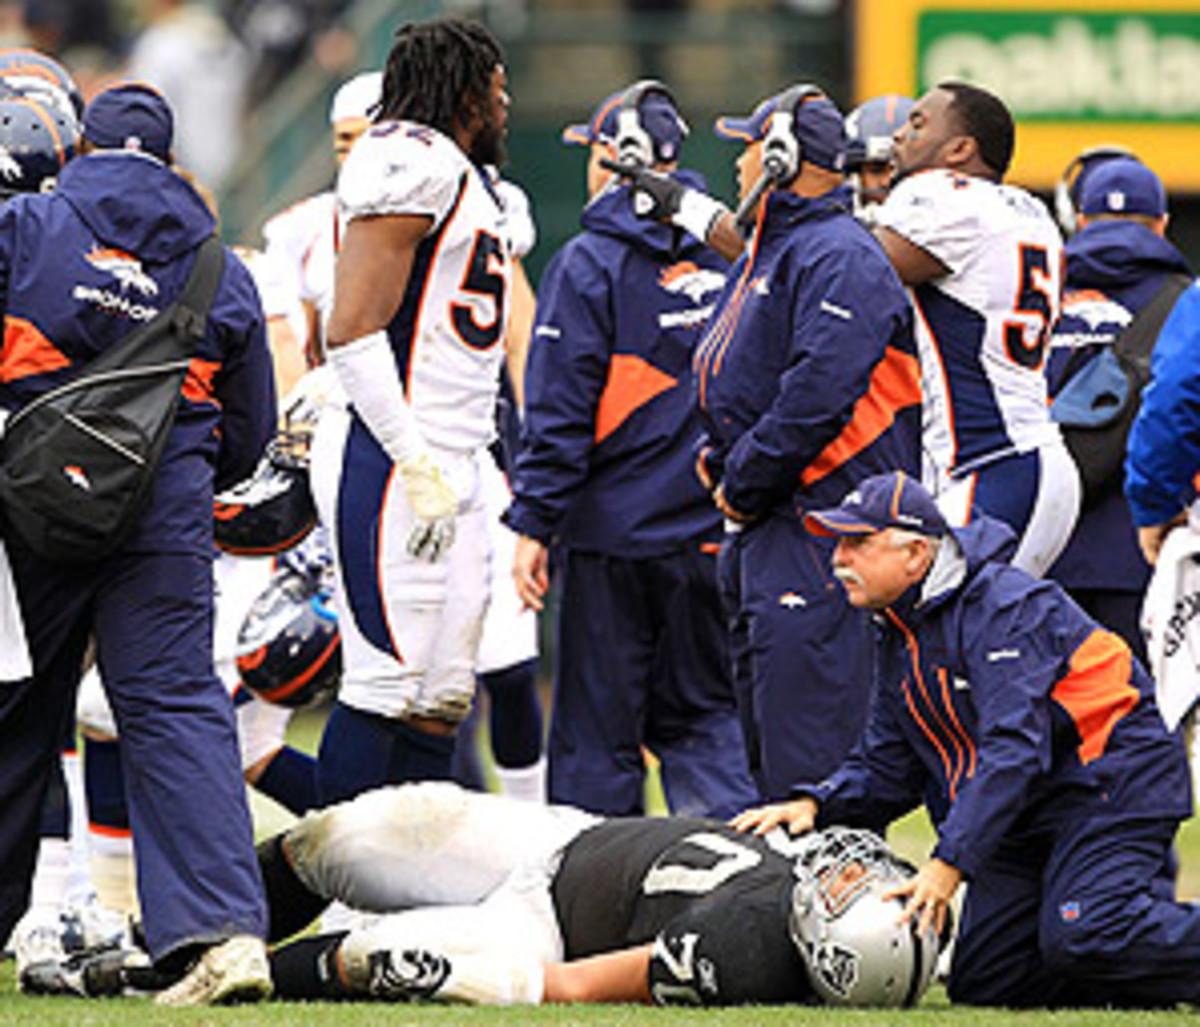 injured-player.jpg